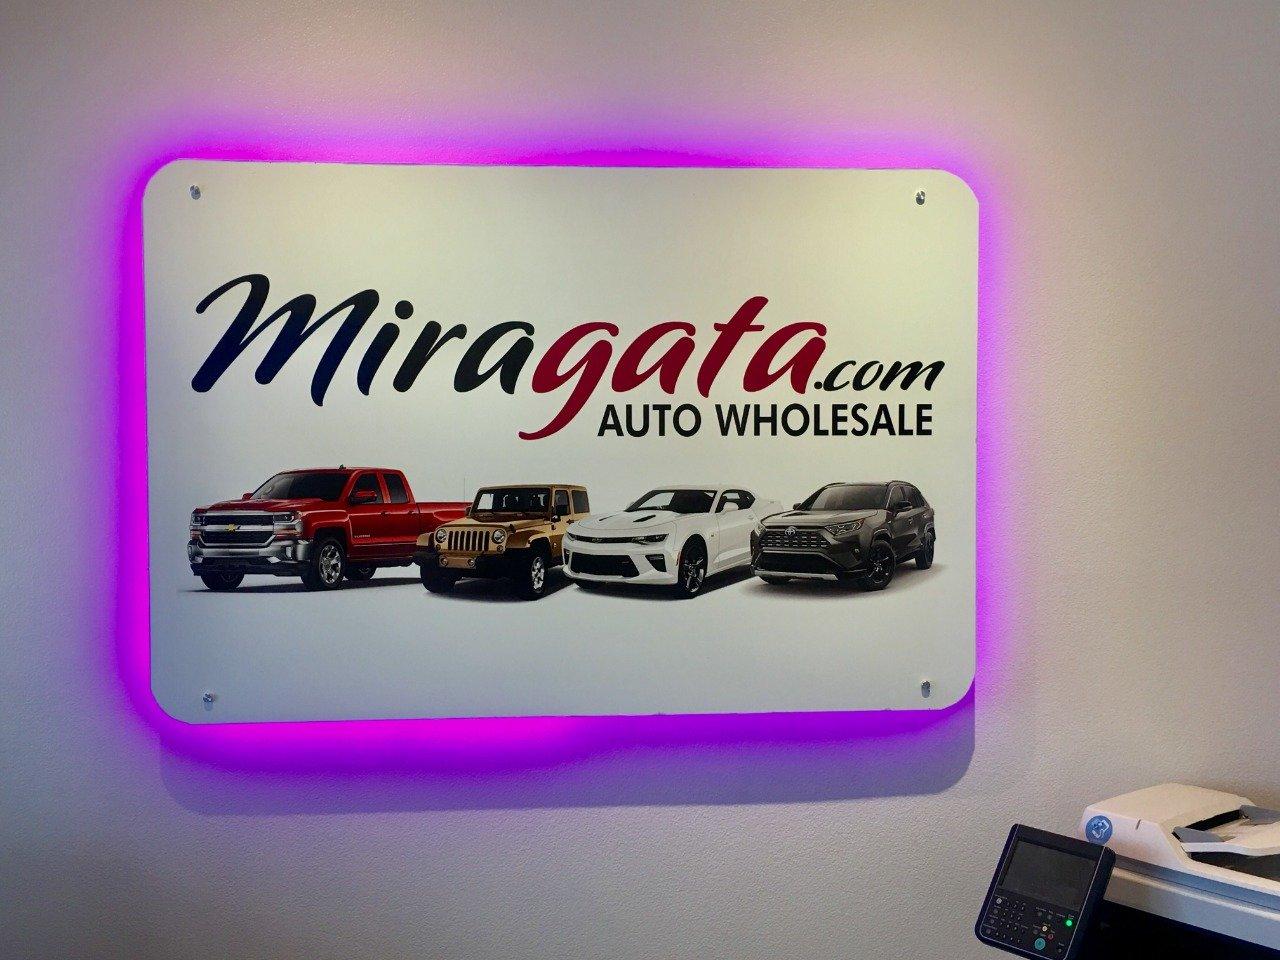 Miragata Auto